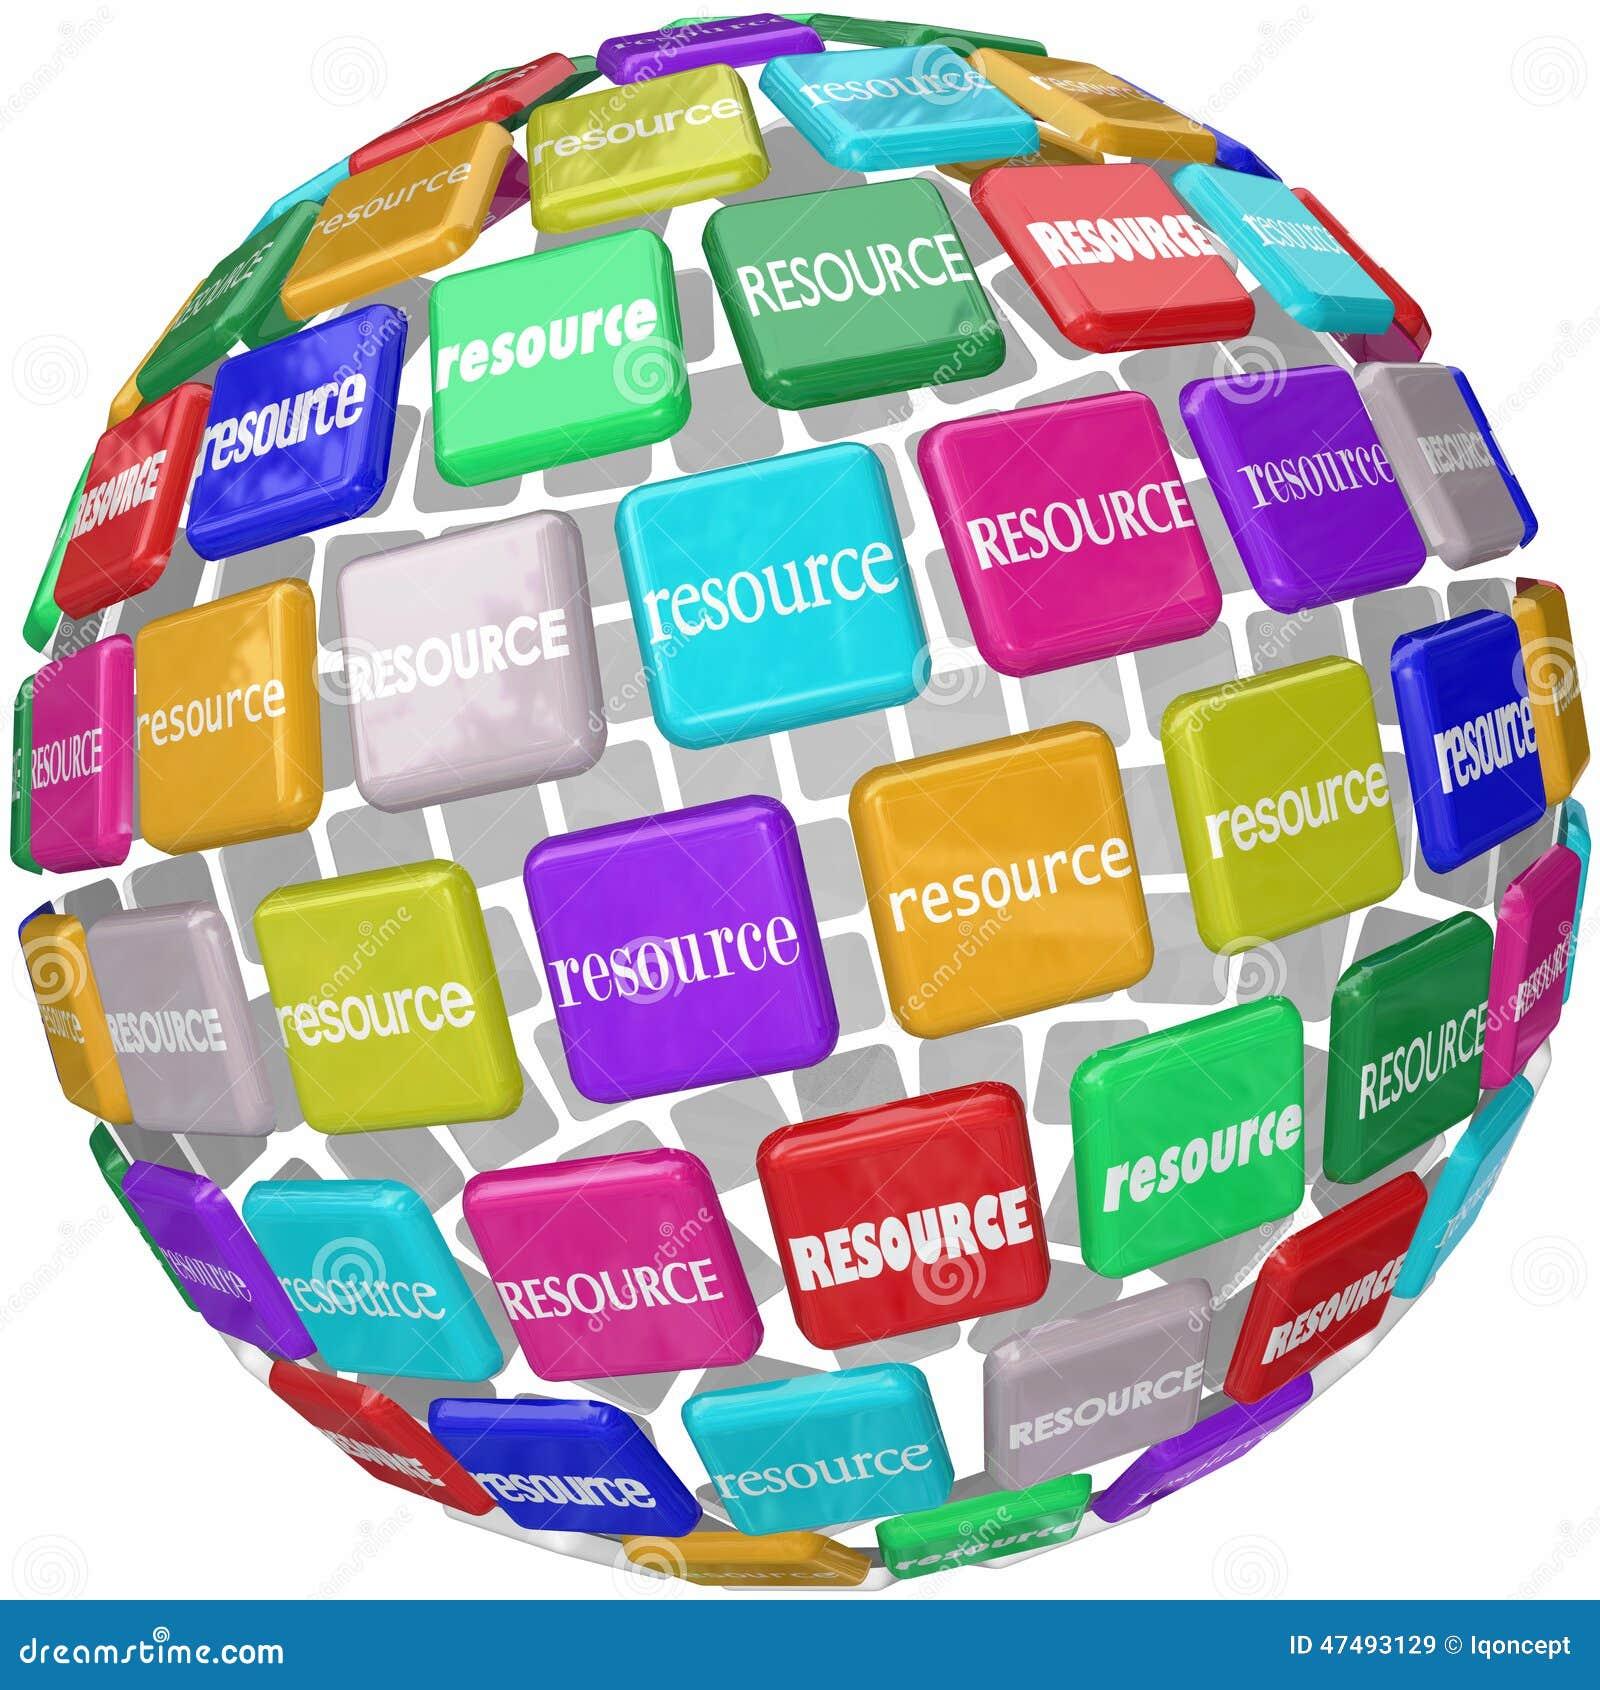 Σημαντικές δεξιότητες Kn πρόσβασης πληροφοριών σφαιρών κεραμιδιών του Word των πόρων